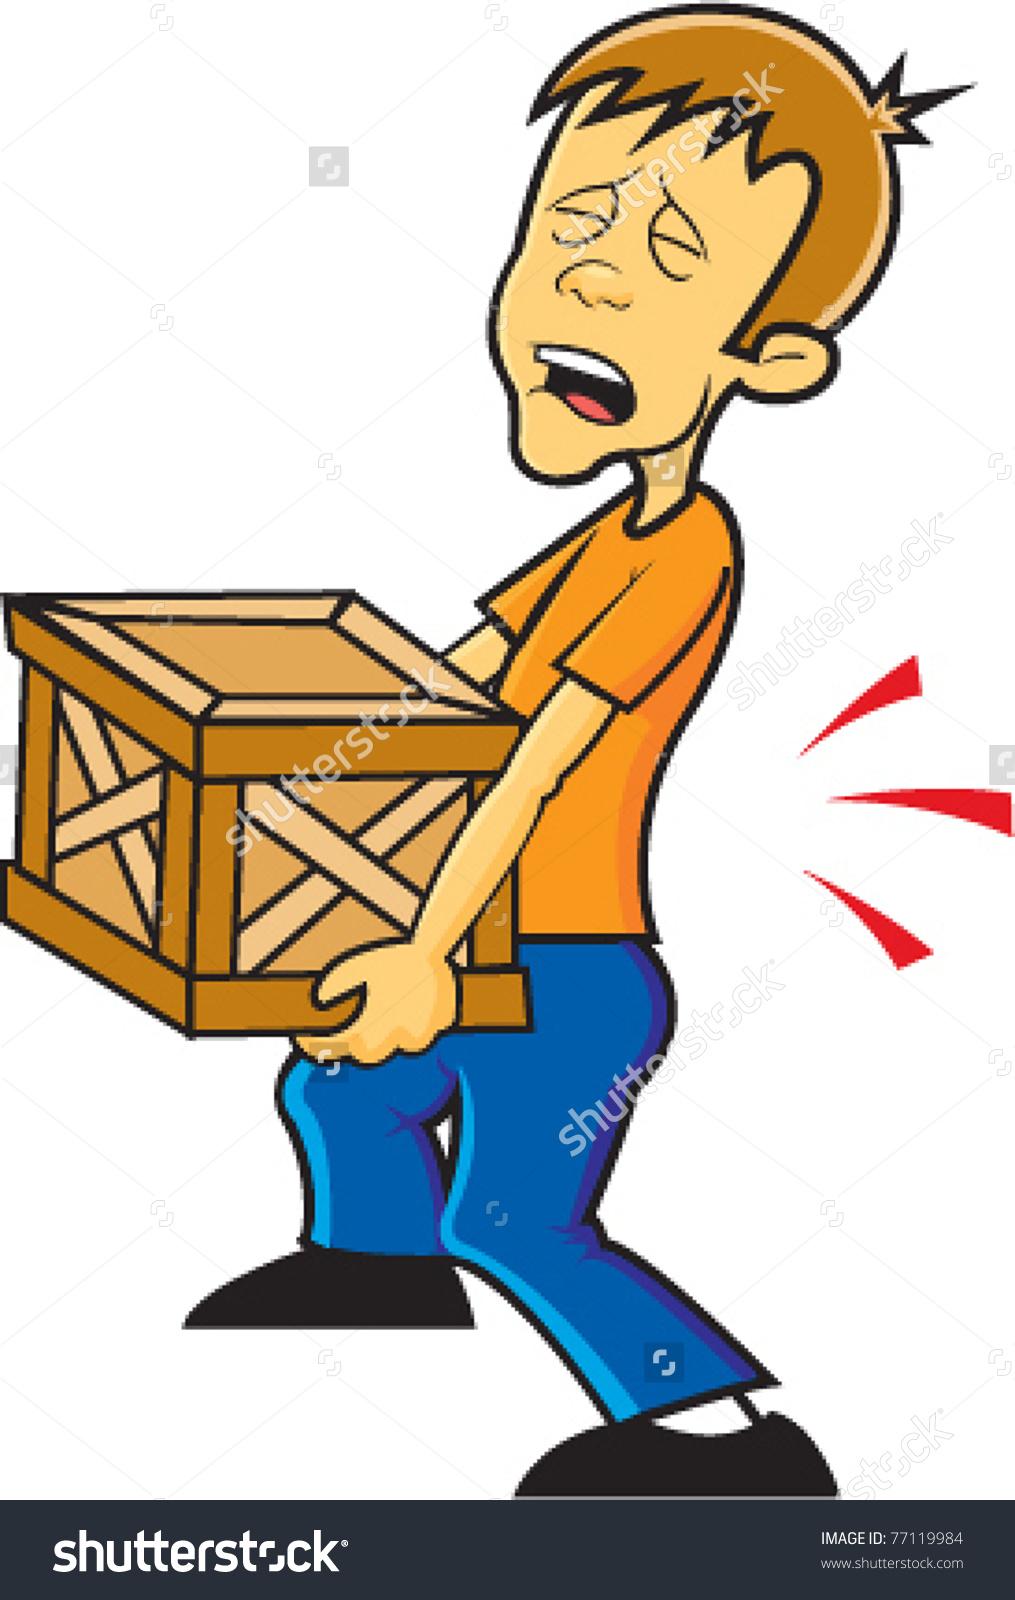 Heavy box clipart.